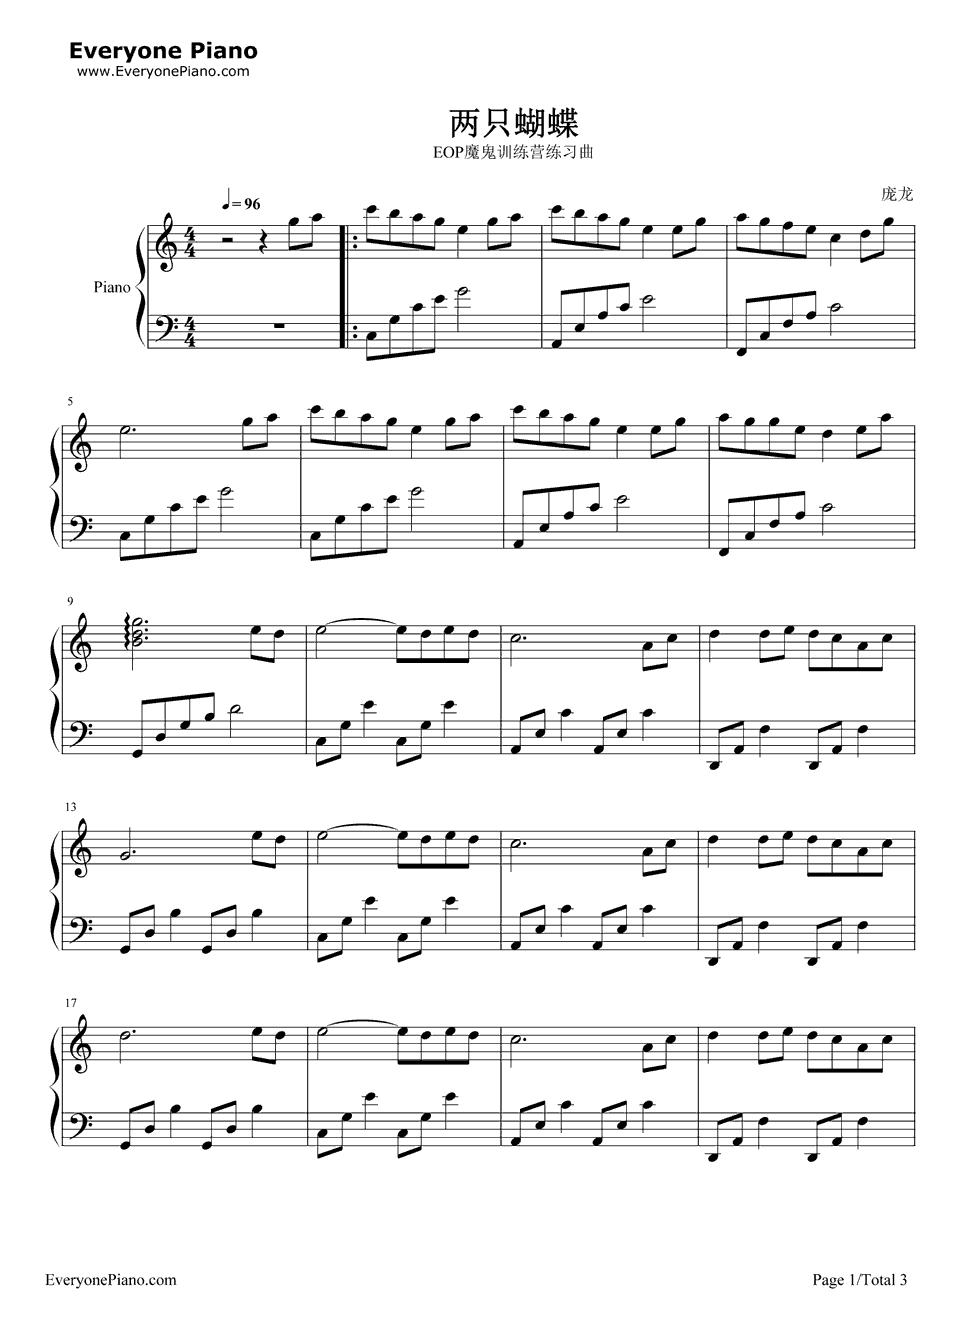 钢琴曲谱 流行 两只蝴蝶-庞龙 两只蝴蝶-庞龙五线谱预览1  }  仅供